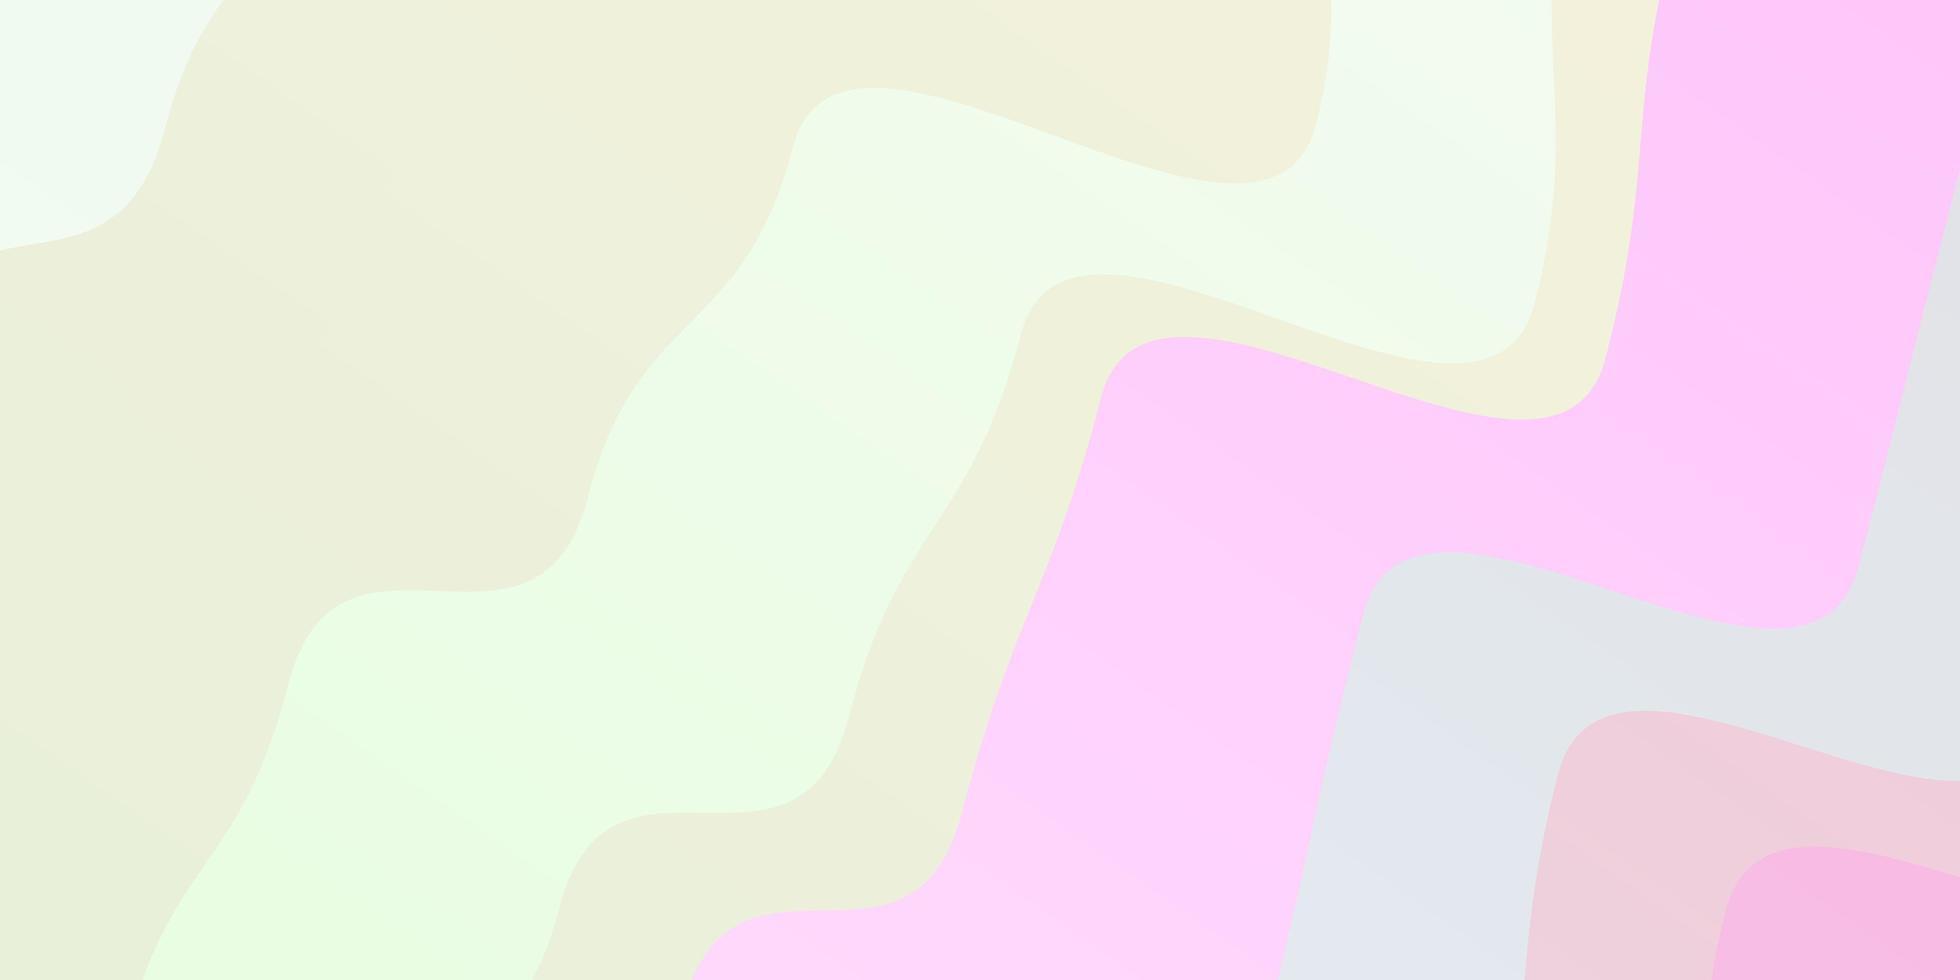 hellrosa, gelber Vektorhintergrund mit Kreisbogen. vektor